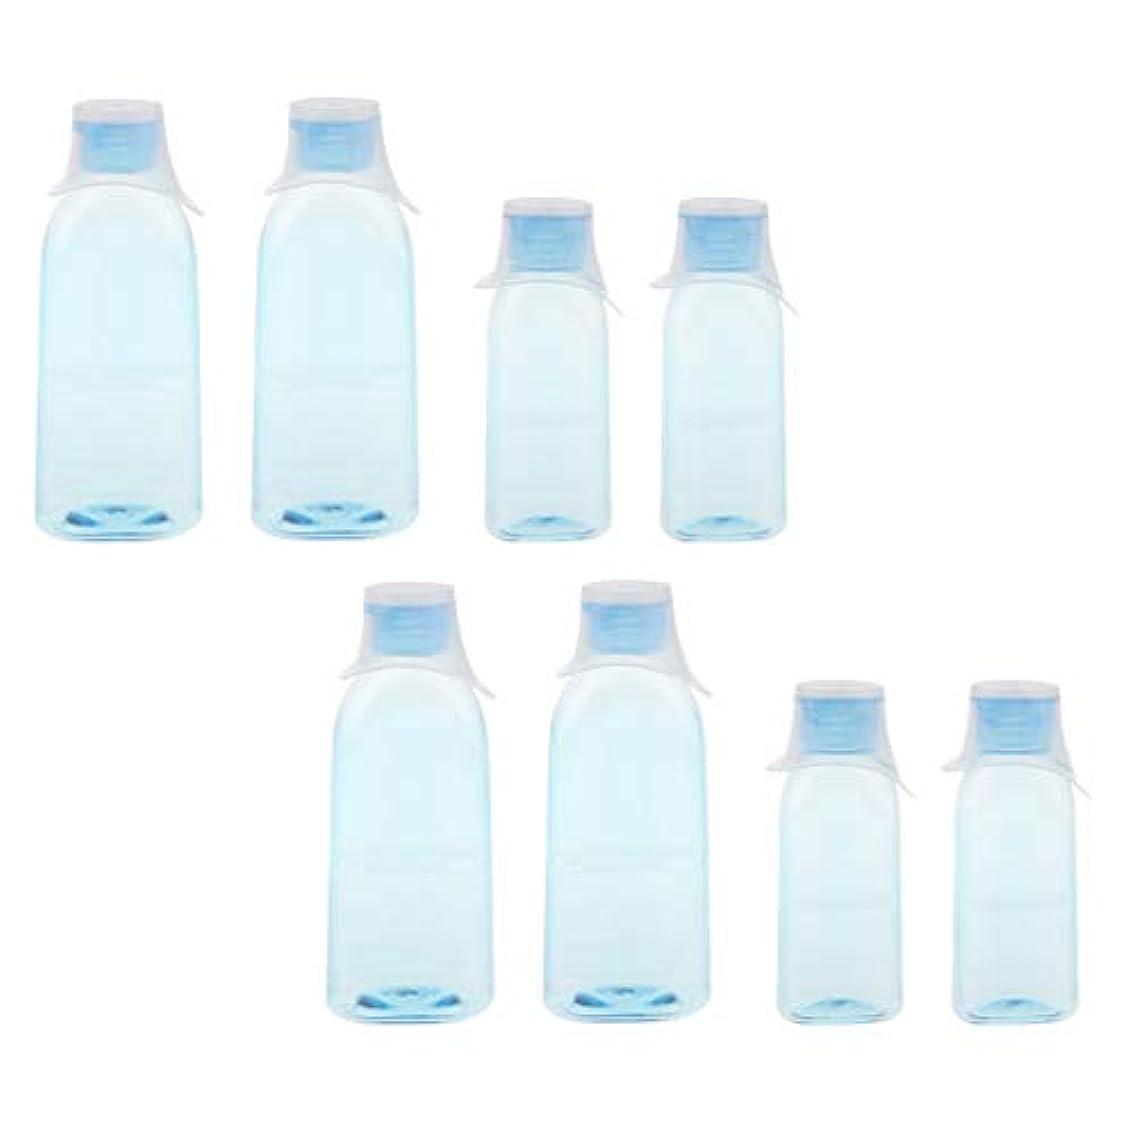 盆行商顕微鏡詰め替え 空旅行 マウスウォッシュボトル 洗眼カップ 容器 16個セット